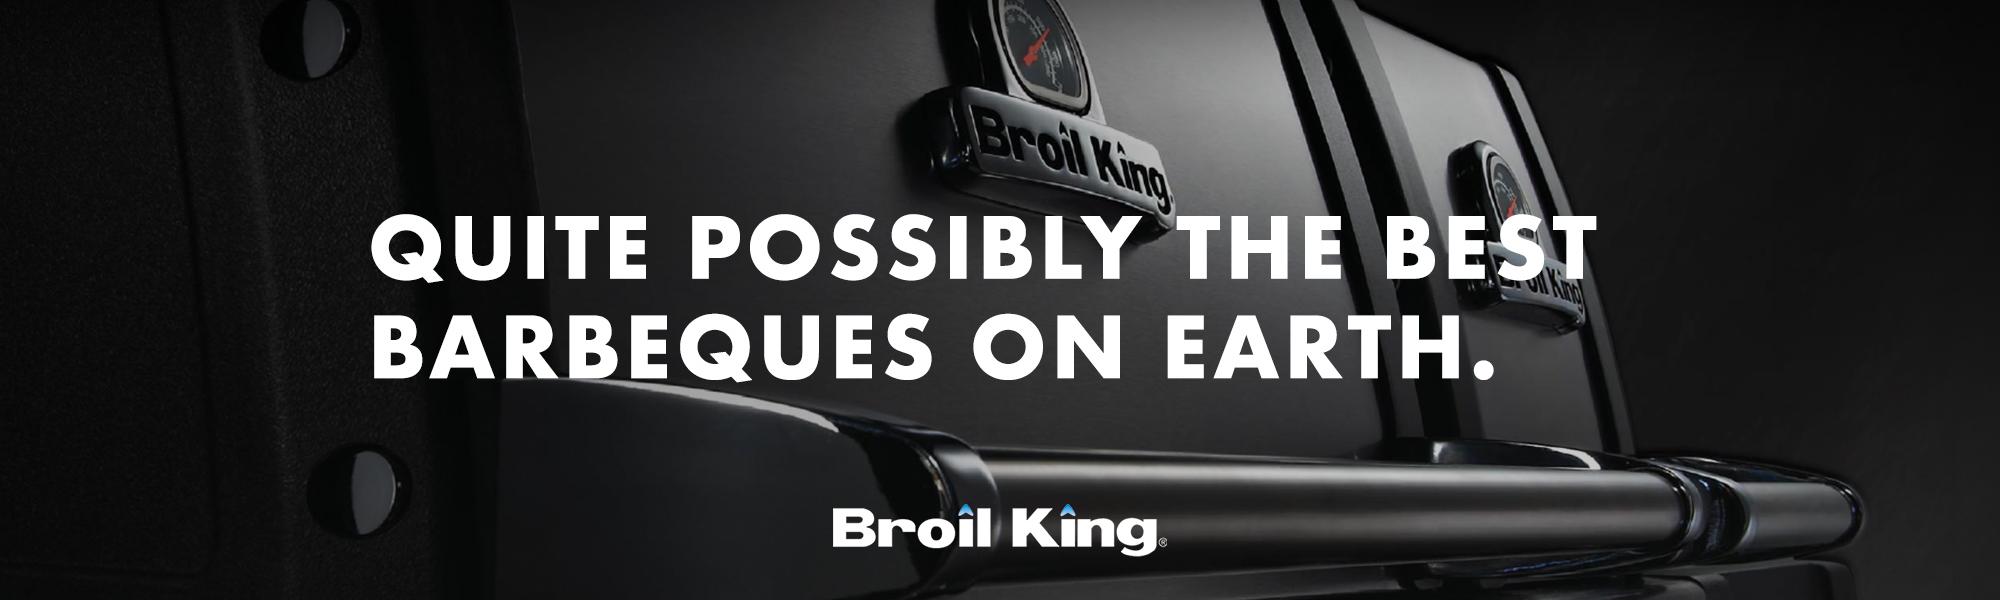 Broil King Appliances - Web 3.0 Appliance Financing & Appliance ...